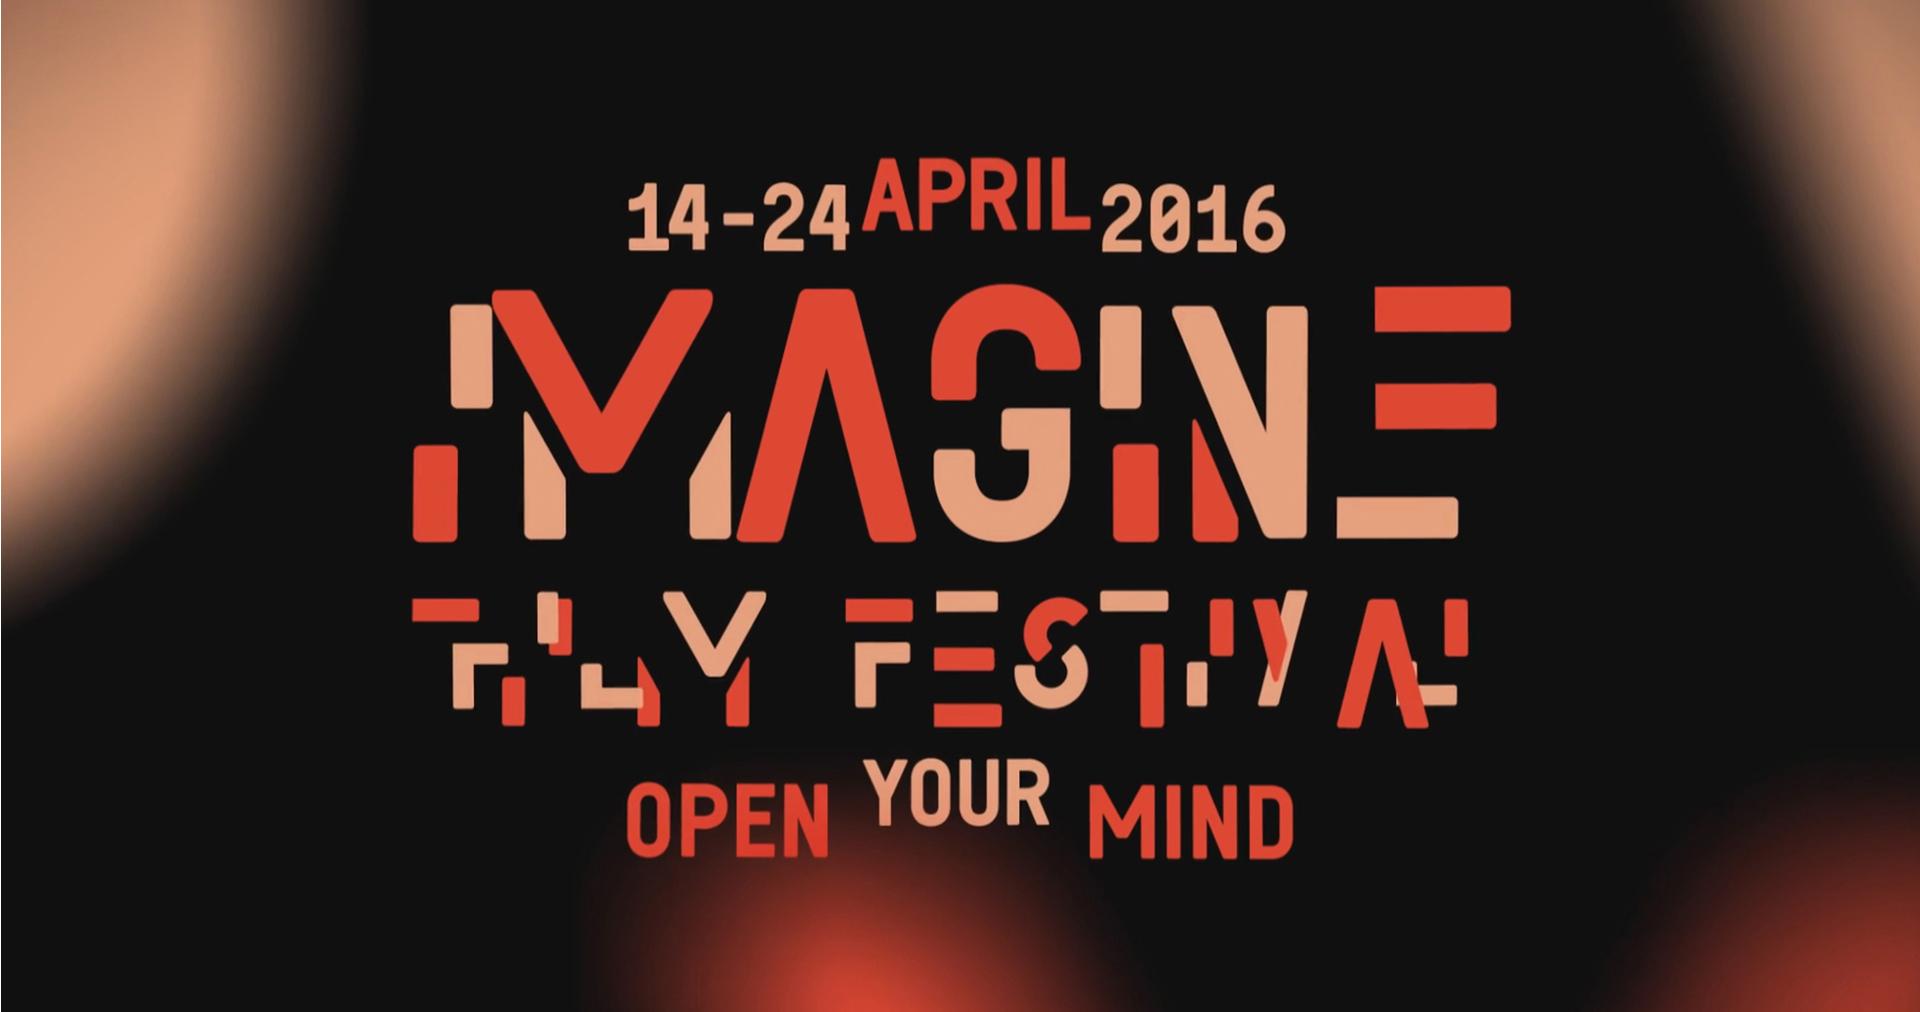 imagine film festival leader 2016